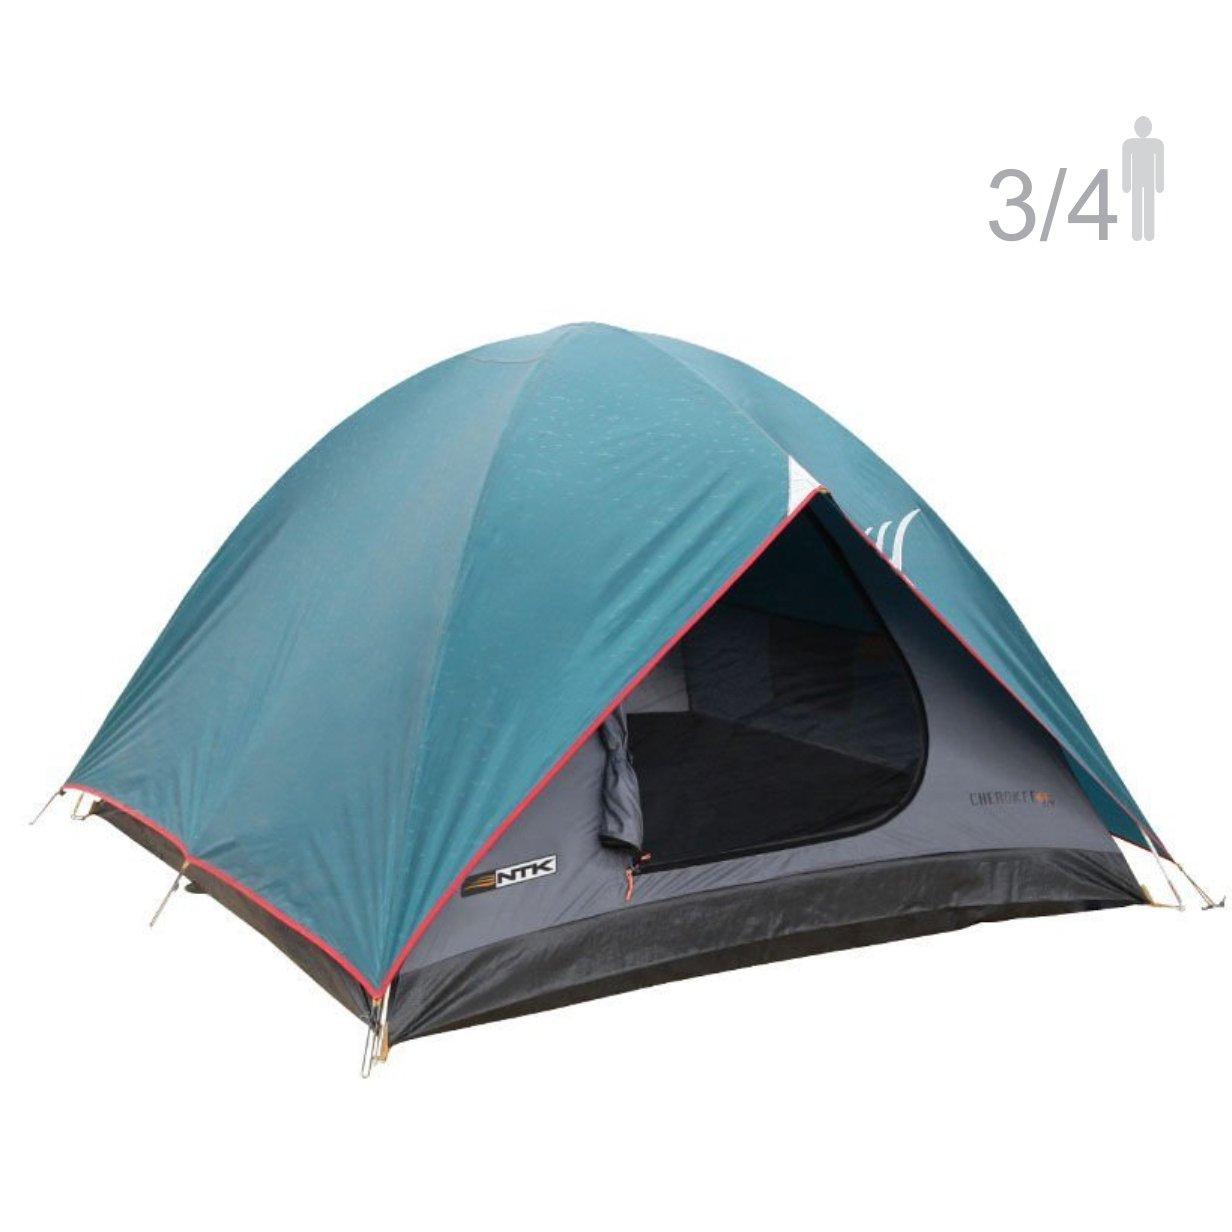 NTK Cherokee Cherokee NTK GT 3 bis 4 Personen 7 von 7 Fuß Sport Camping Kuppel Zelt 100% wasserdicht 1200 mm Dark Teal c46abd